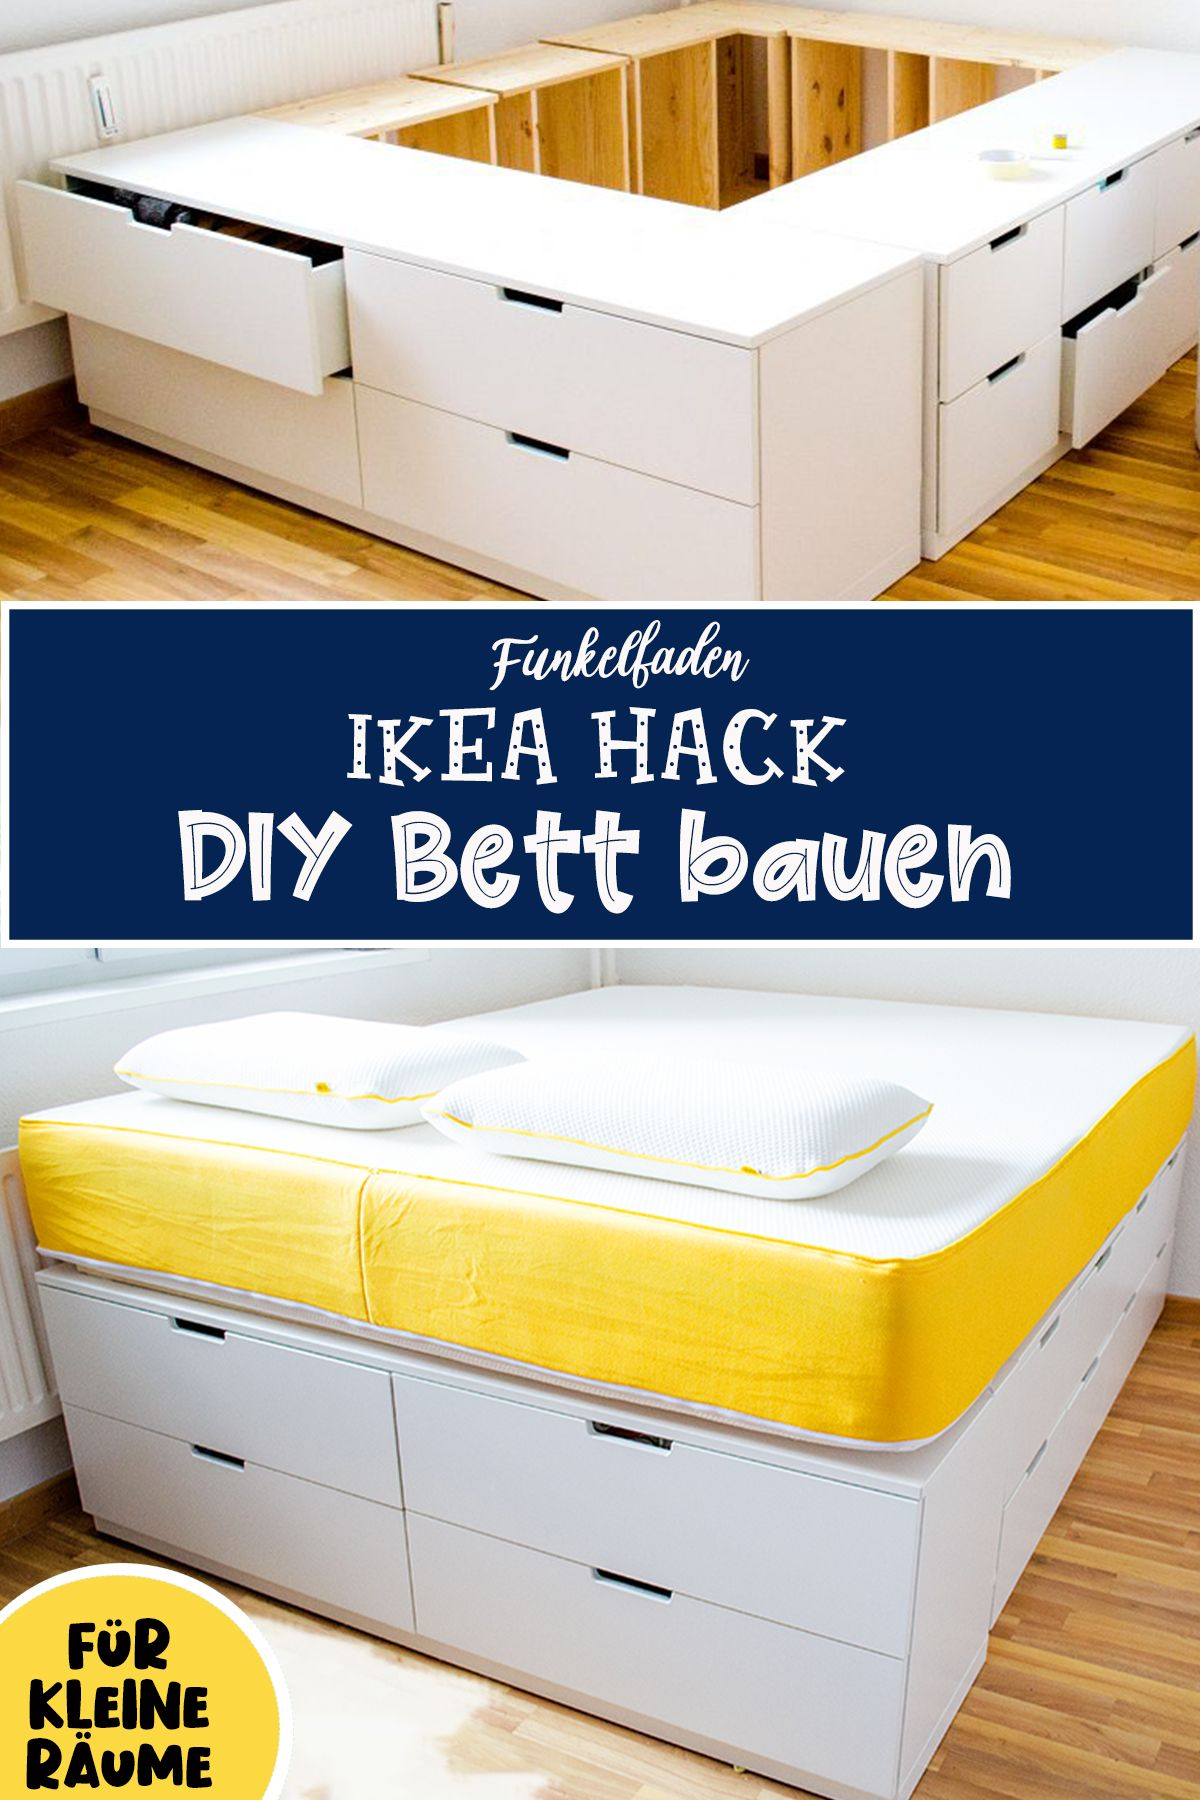 Diy Ikea Hack Plattform Bett Selber Bauen Aus Ikea Kommoden Werbung Ikea Storage Bed Diy Storage Bed Ikea Dresser